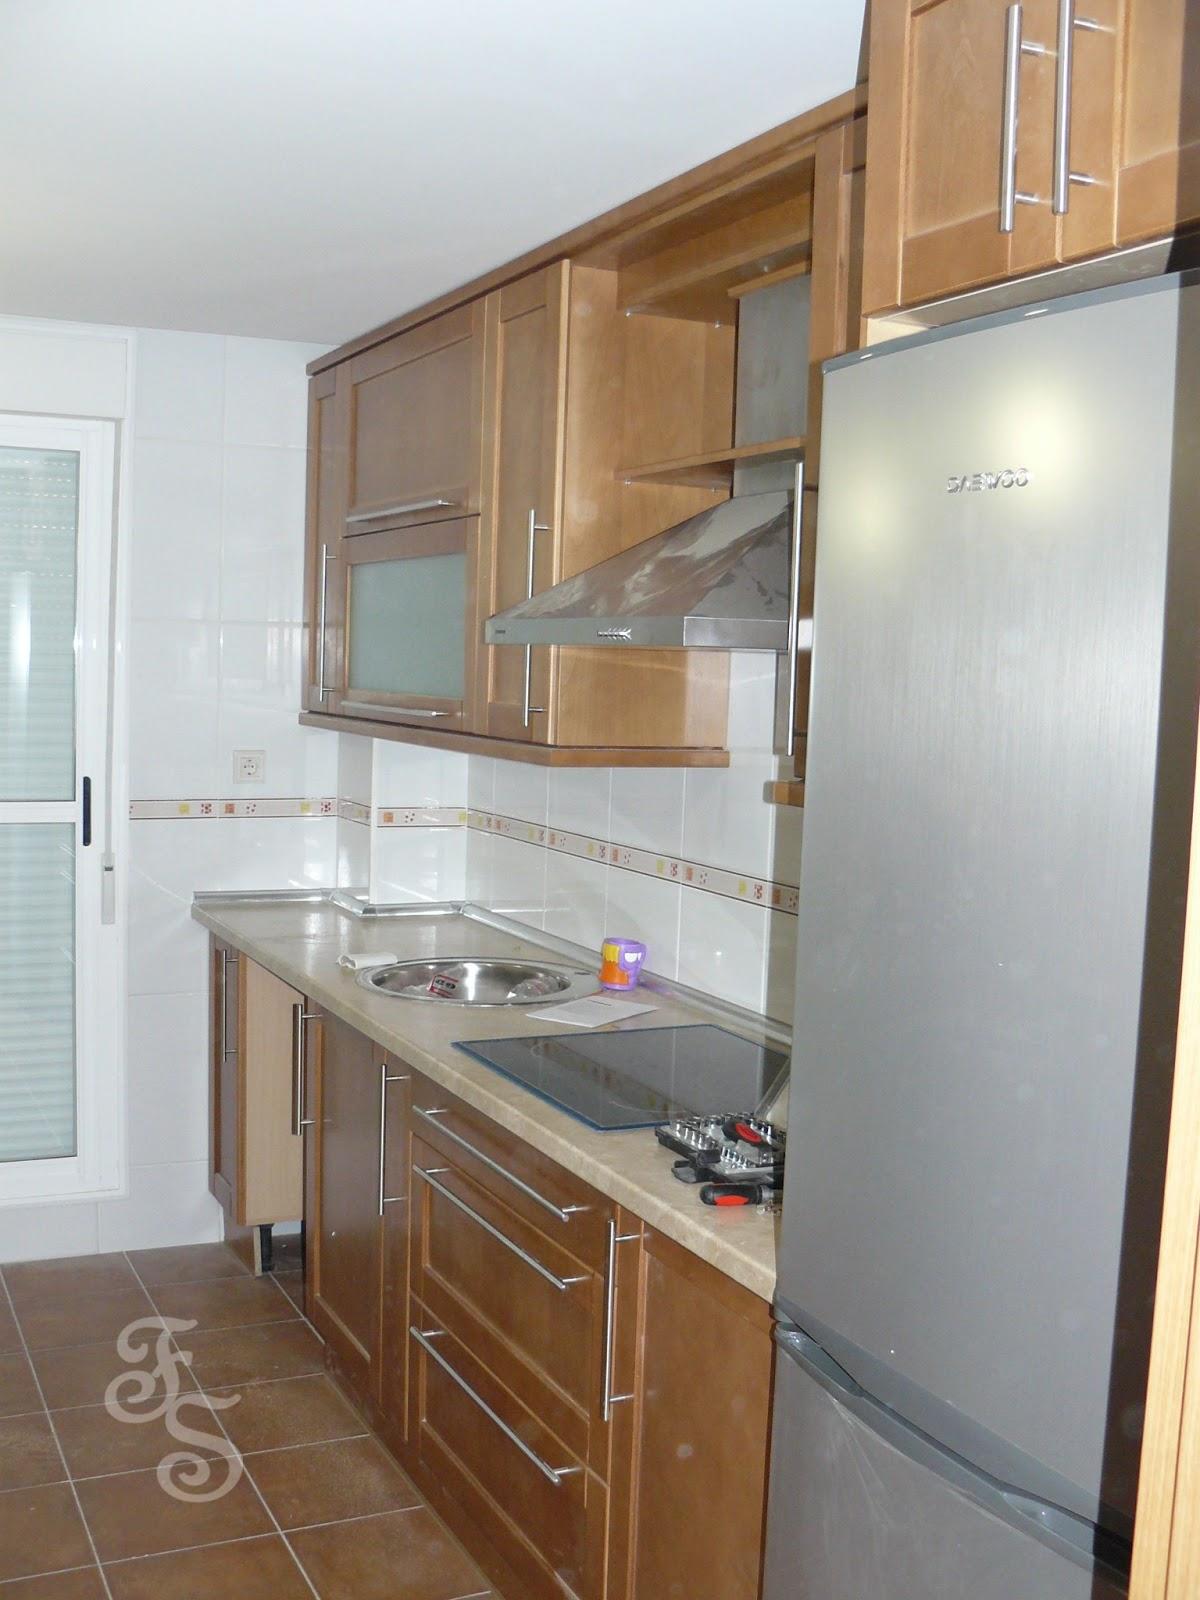 Muebles de cocina con vidrio esmerilado 20170715143126 - Cocinas de cristal ...